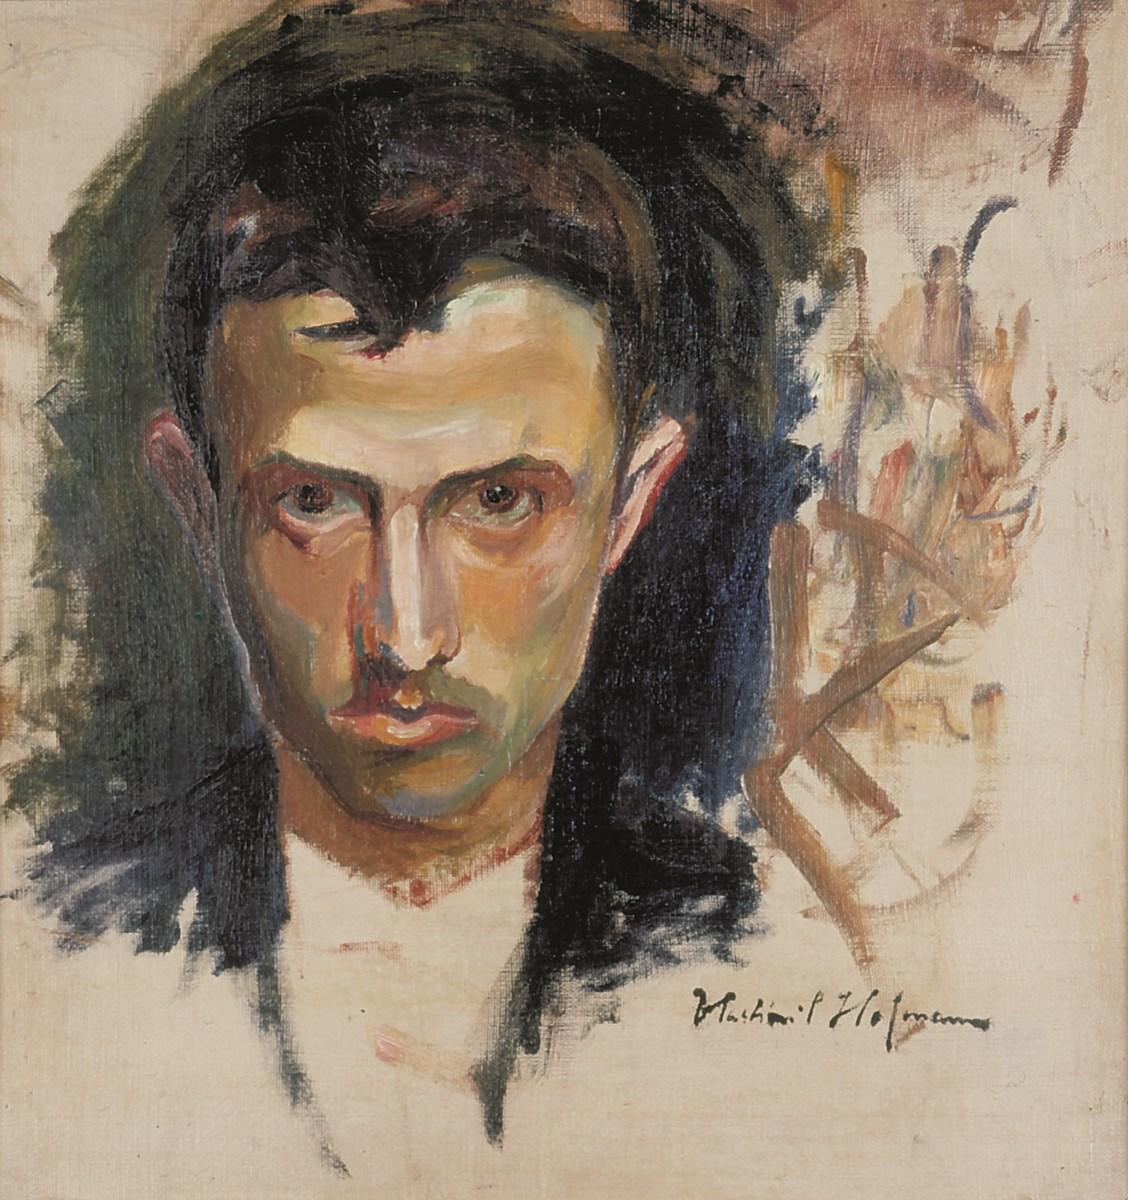 """Wlastimil Hofman, """"Autoportret"""", pocz. XX w., olej, płótno, (37,5 x 36 cm), ze zbiorów Muzeum Karkonoskiego w Jeleniej Górze (źródło: materiały prasowe organizatora)"""